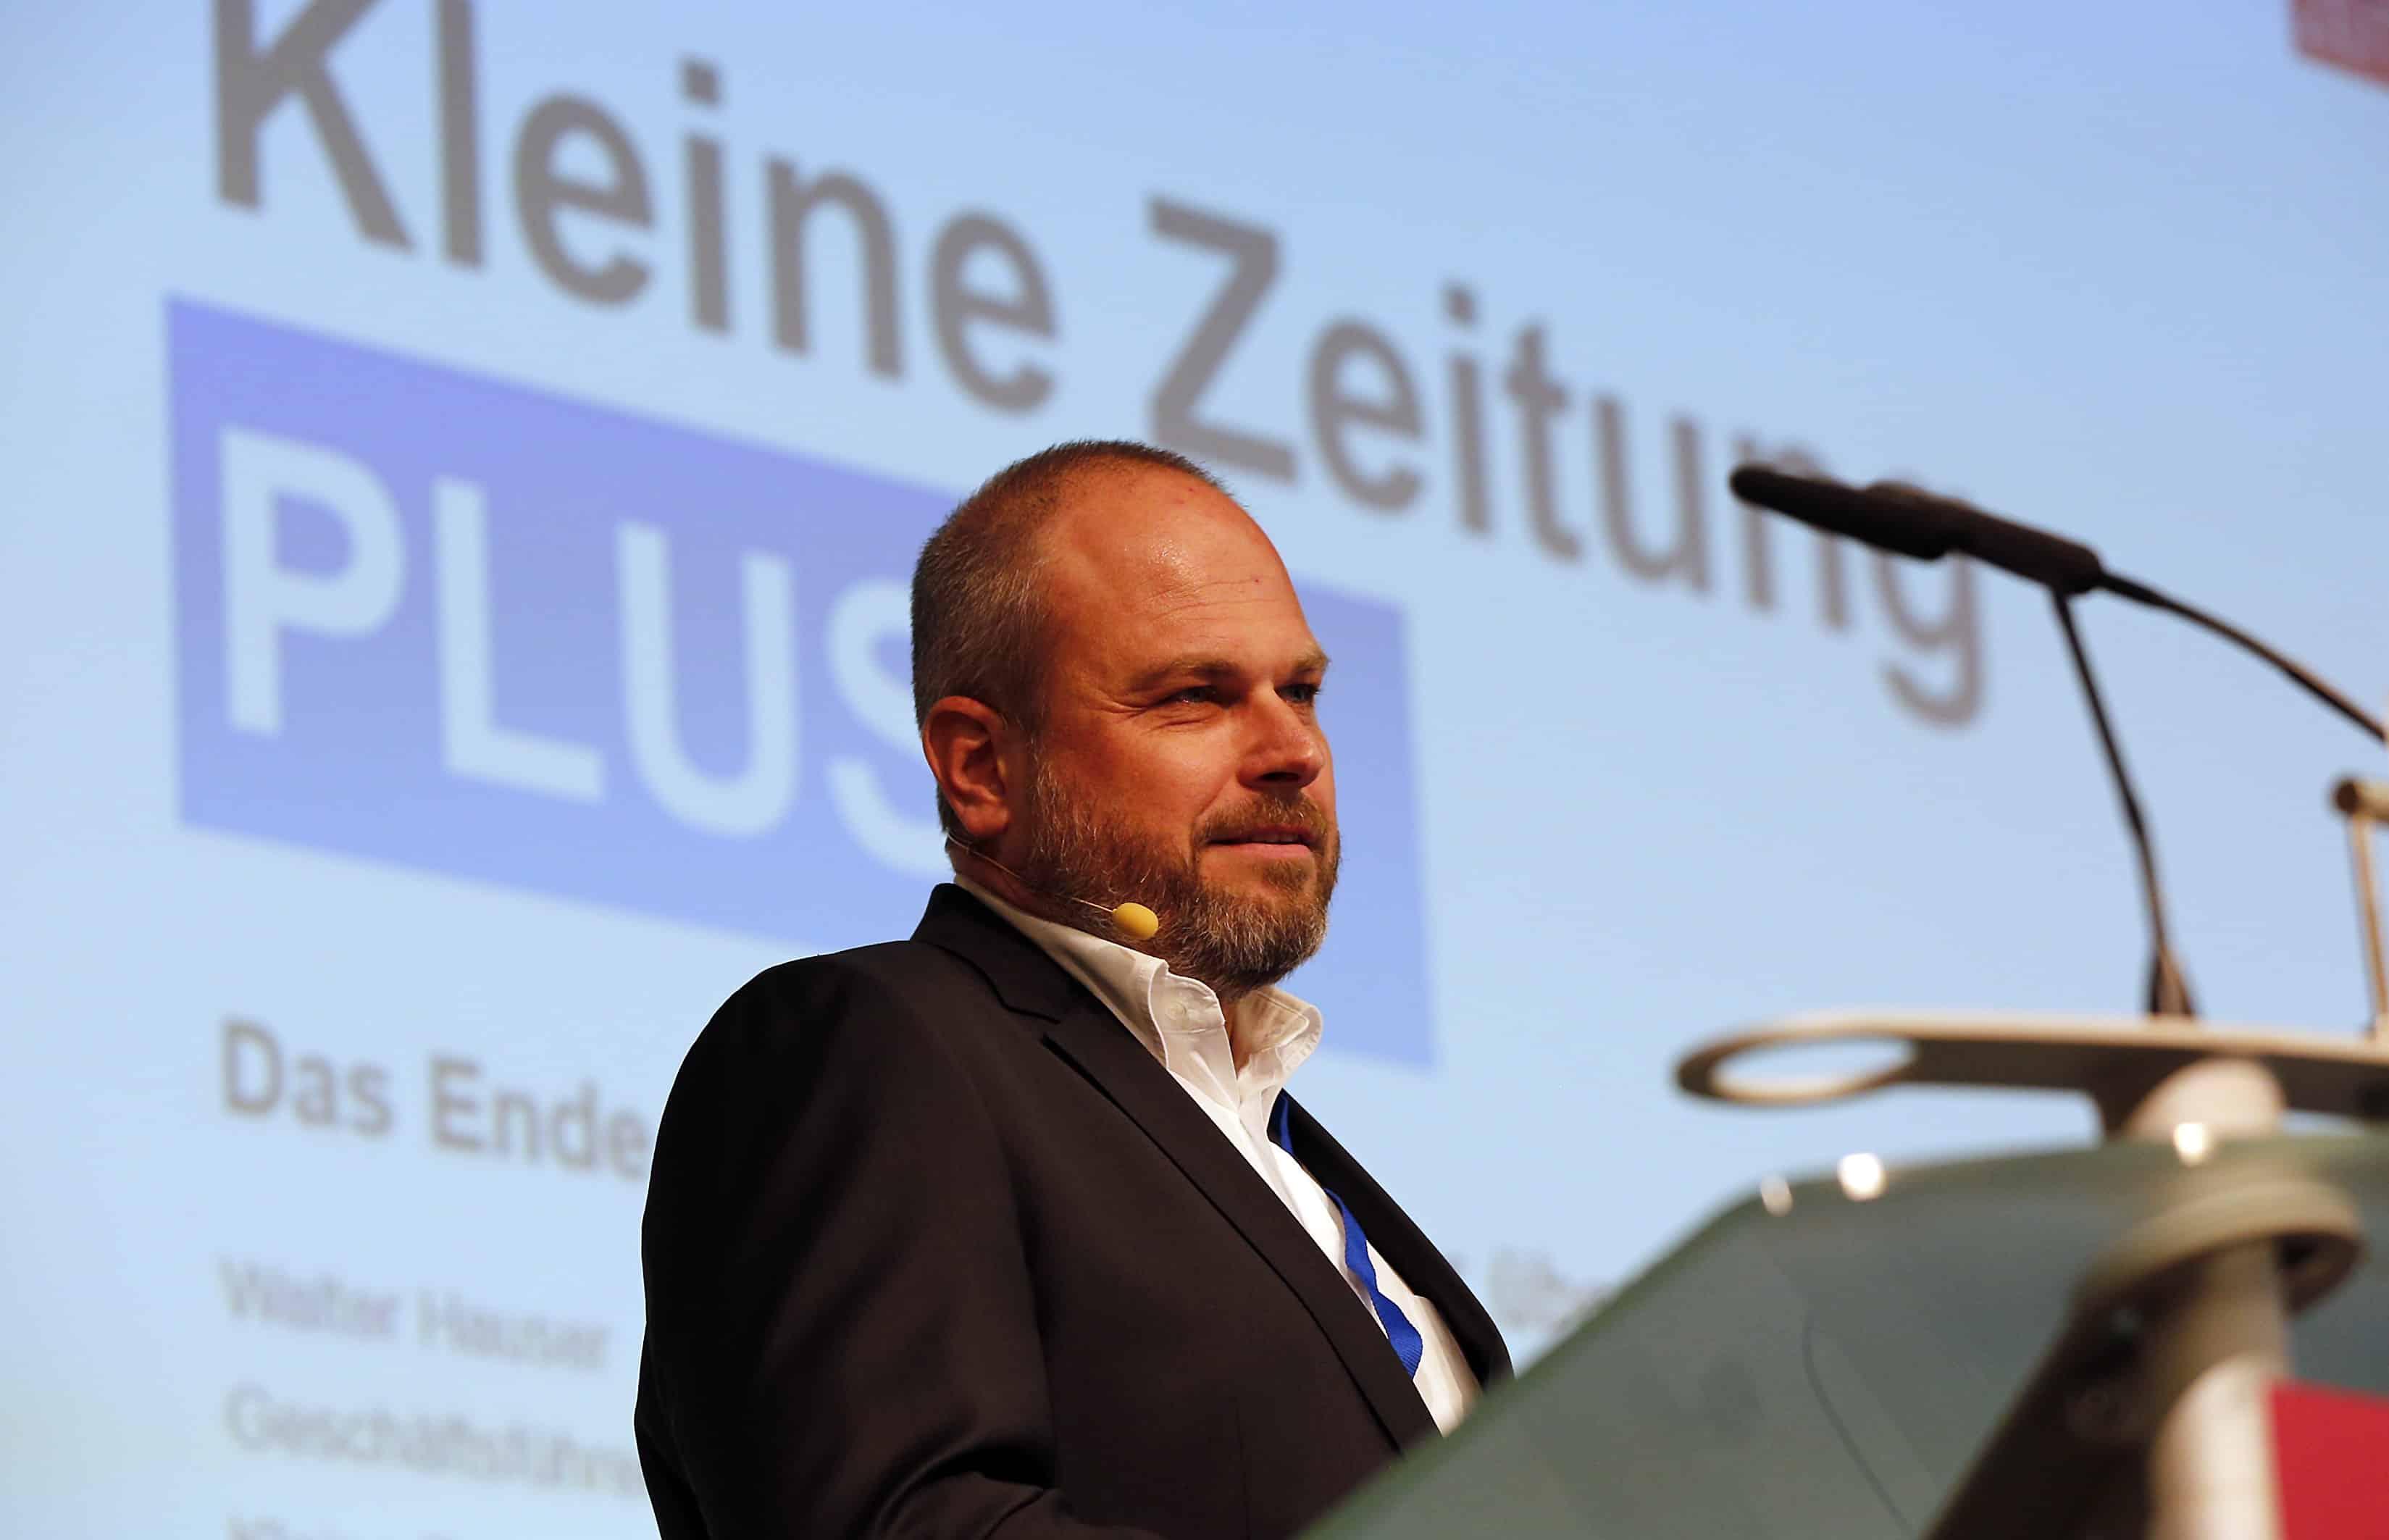 Walter Hauser von der Kleinen Zeitung aus Graz